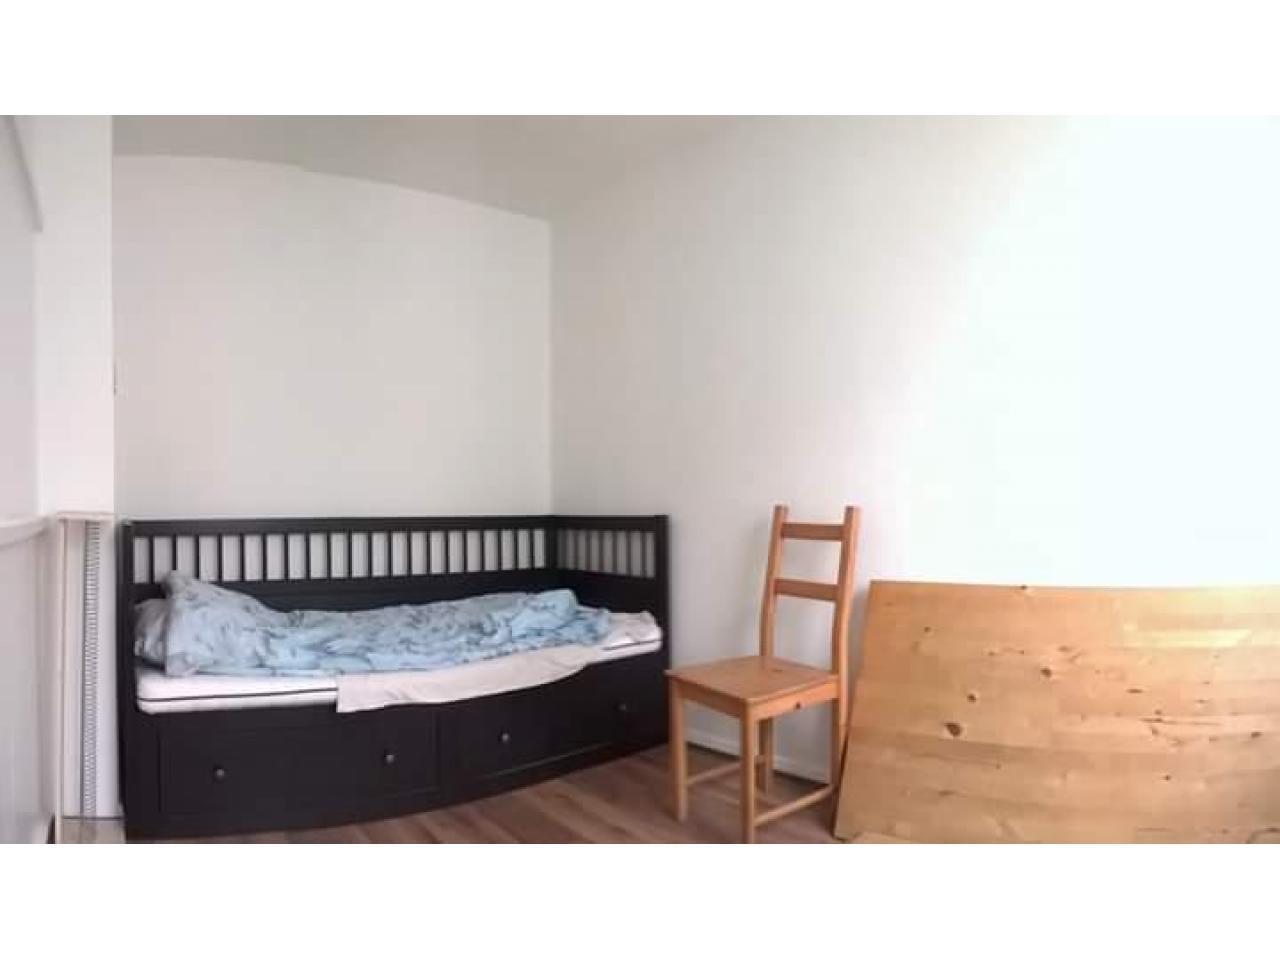 Сдается в хорошие руки 1 Bedroom flat - 2